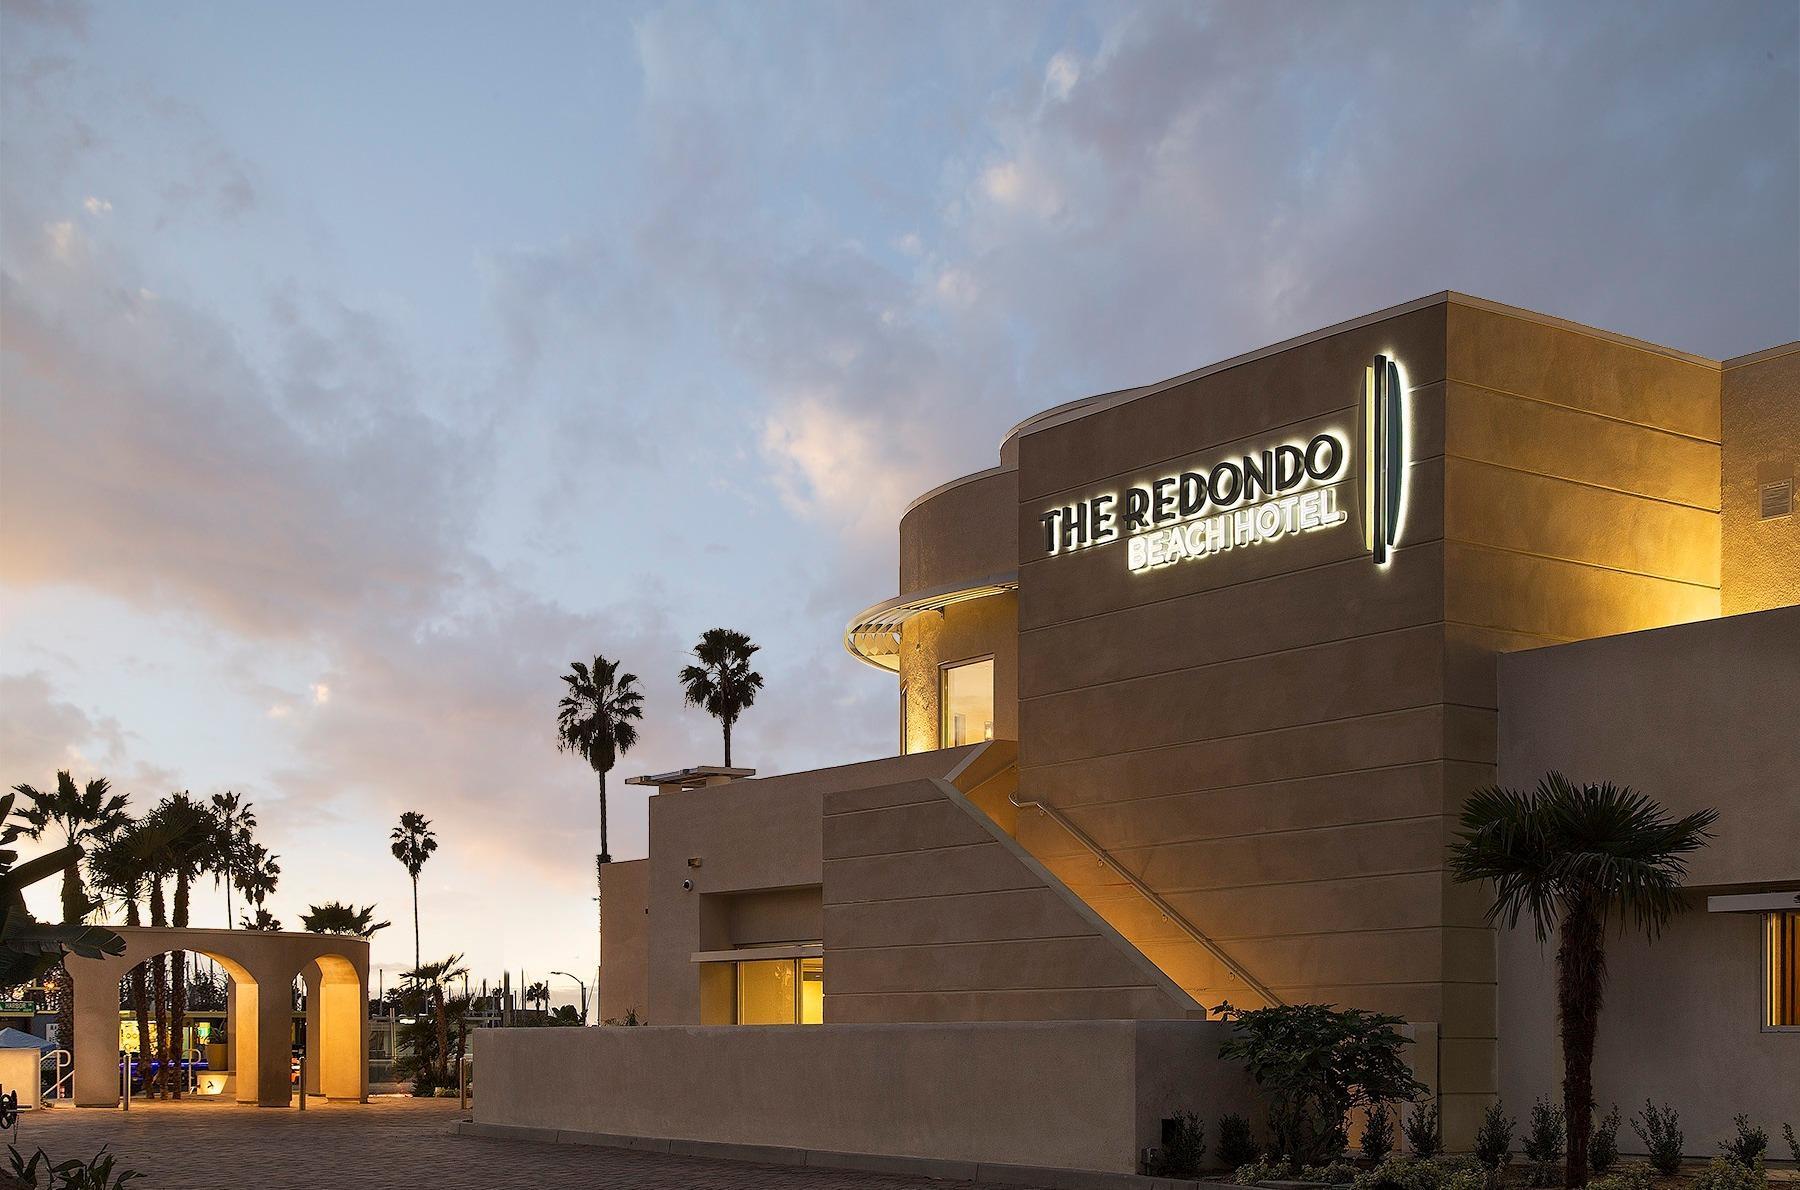 The Redondo Beach Hotel image 6